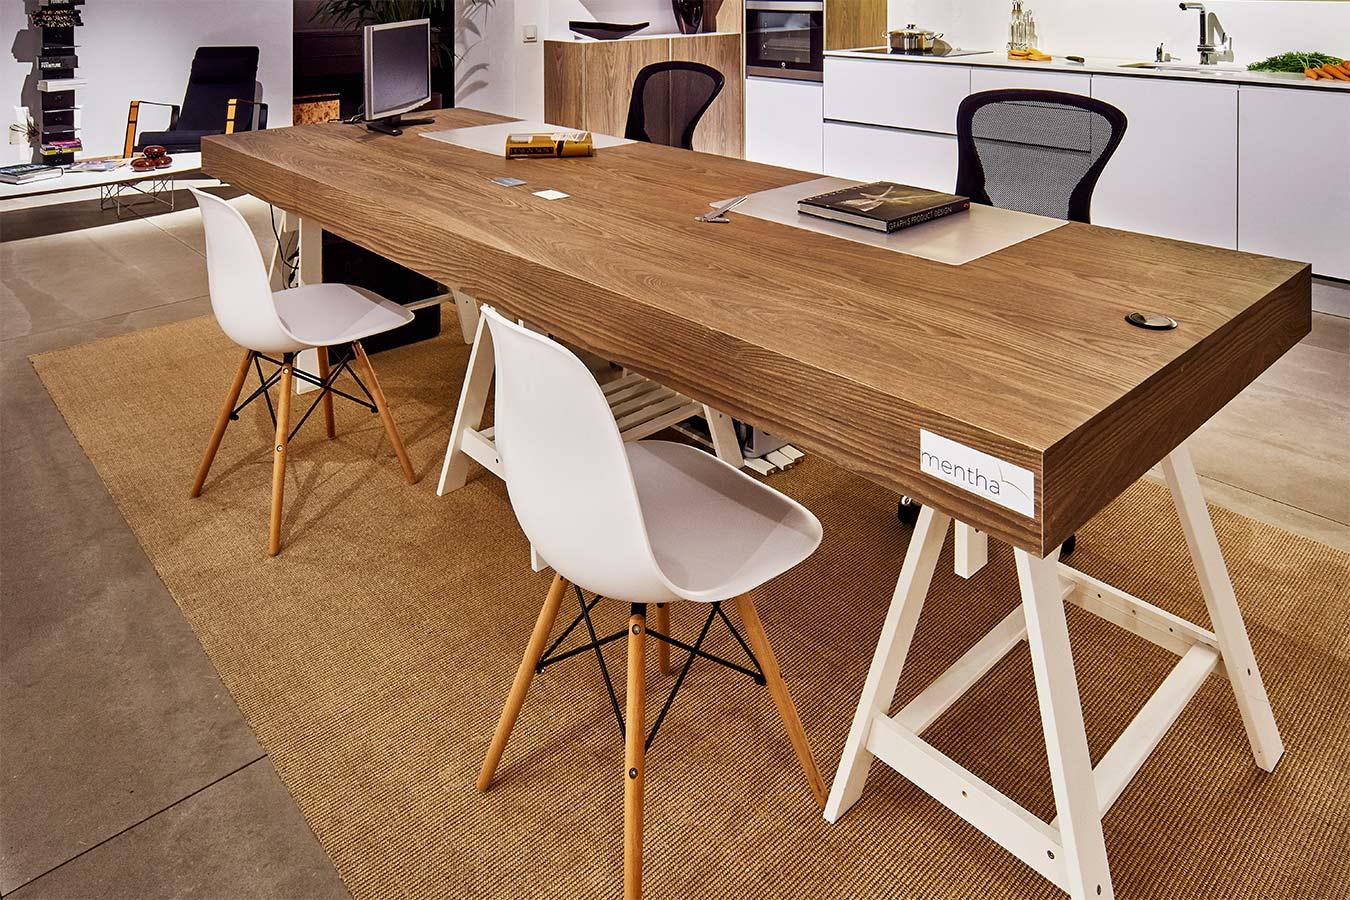 Muebles de cocina en madrid mentha cocinas - Muebles de cocina en madrid ...